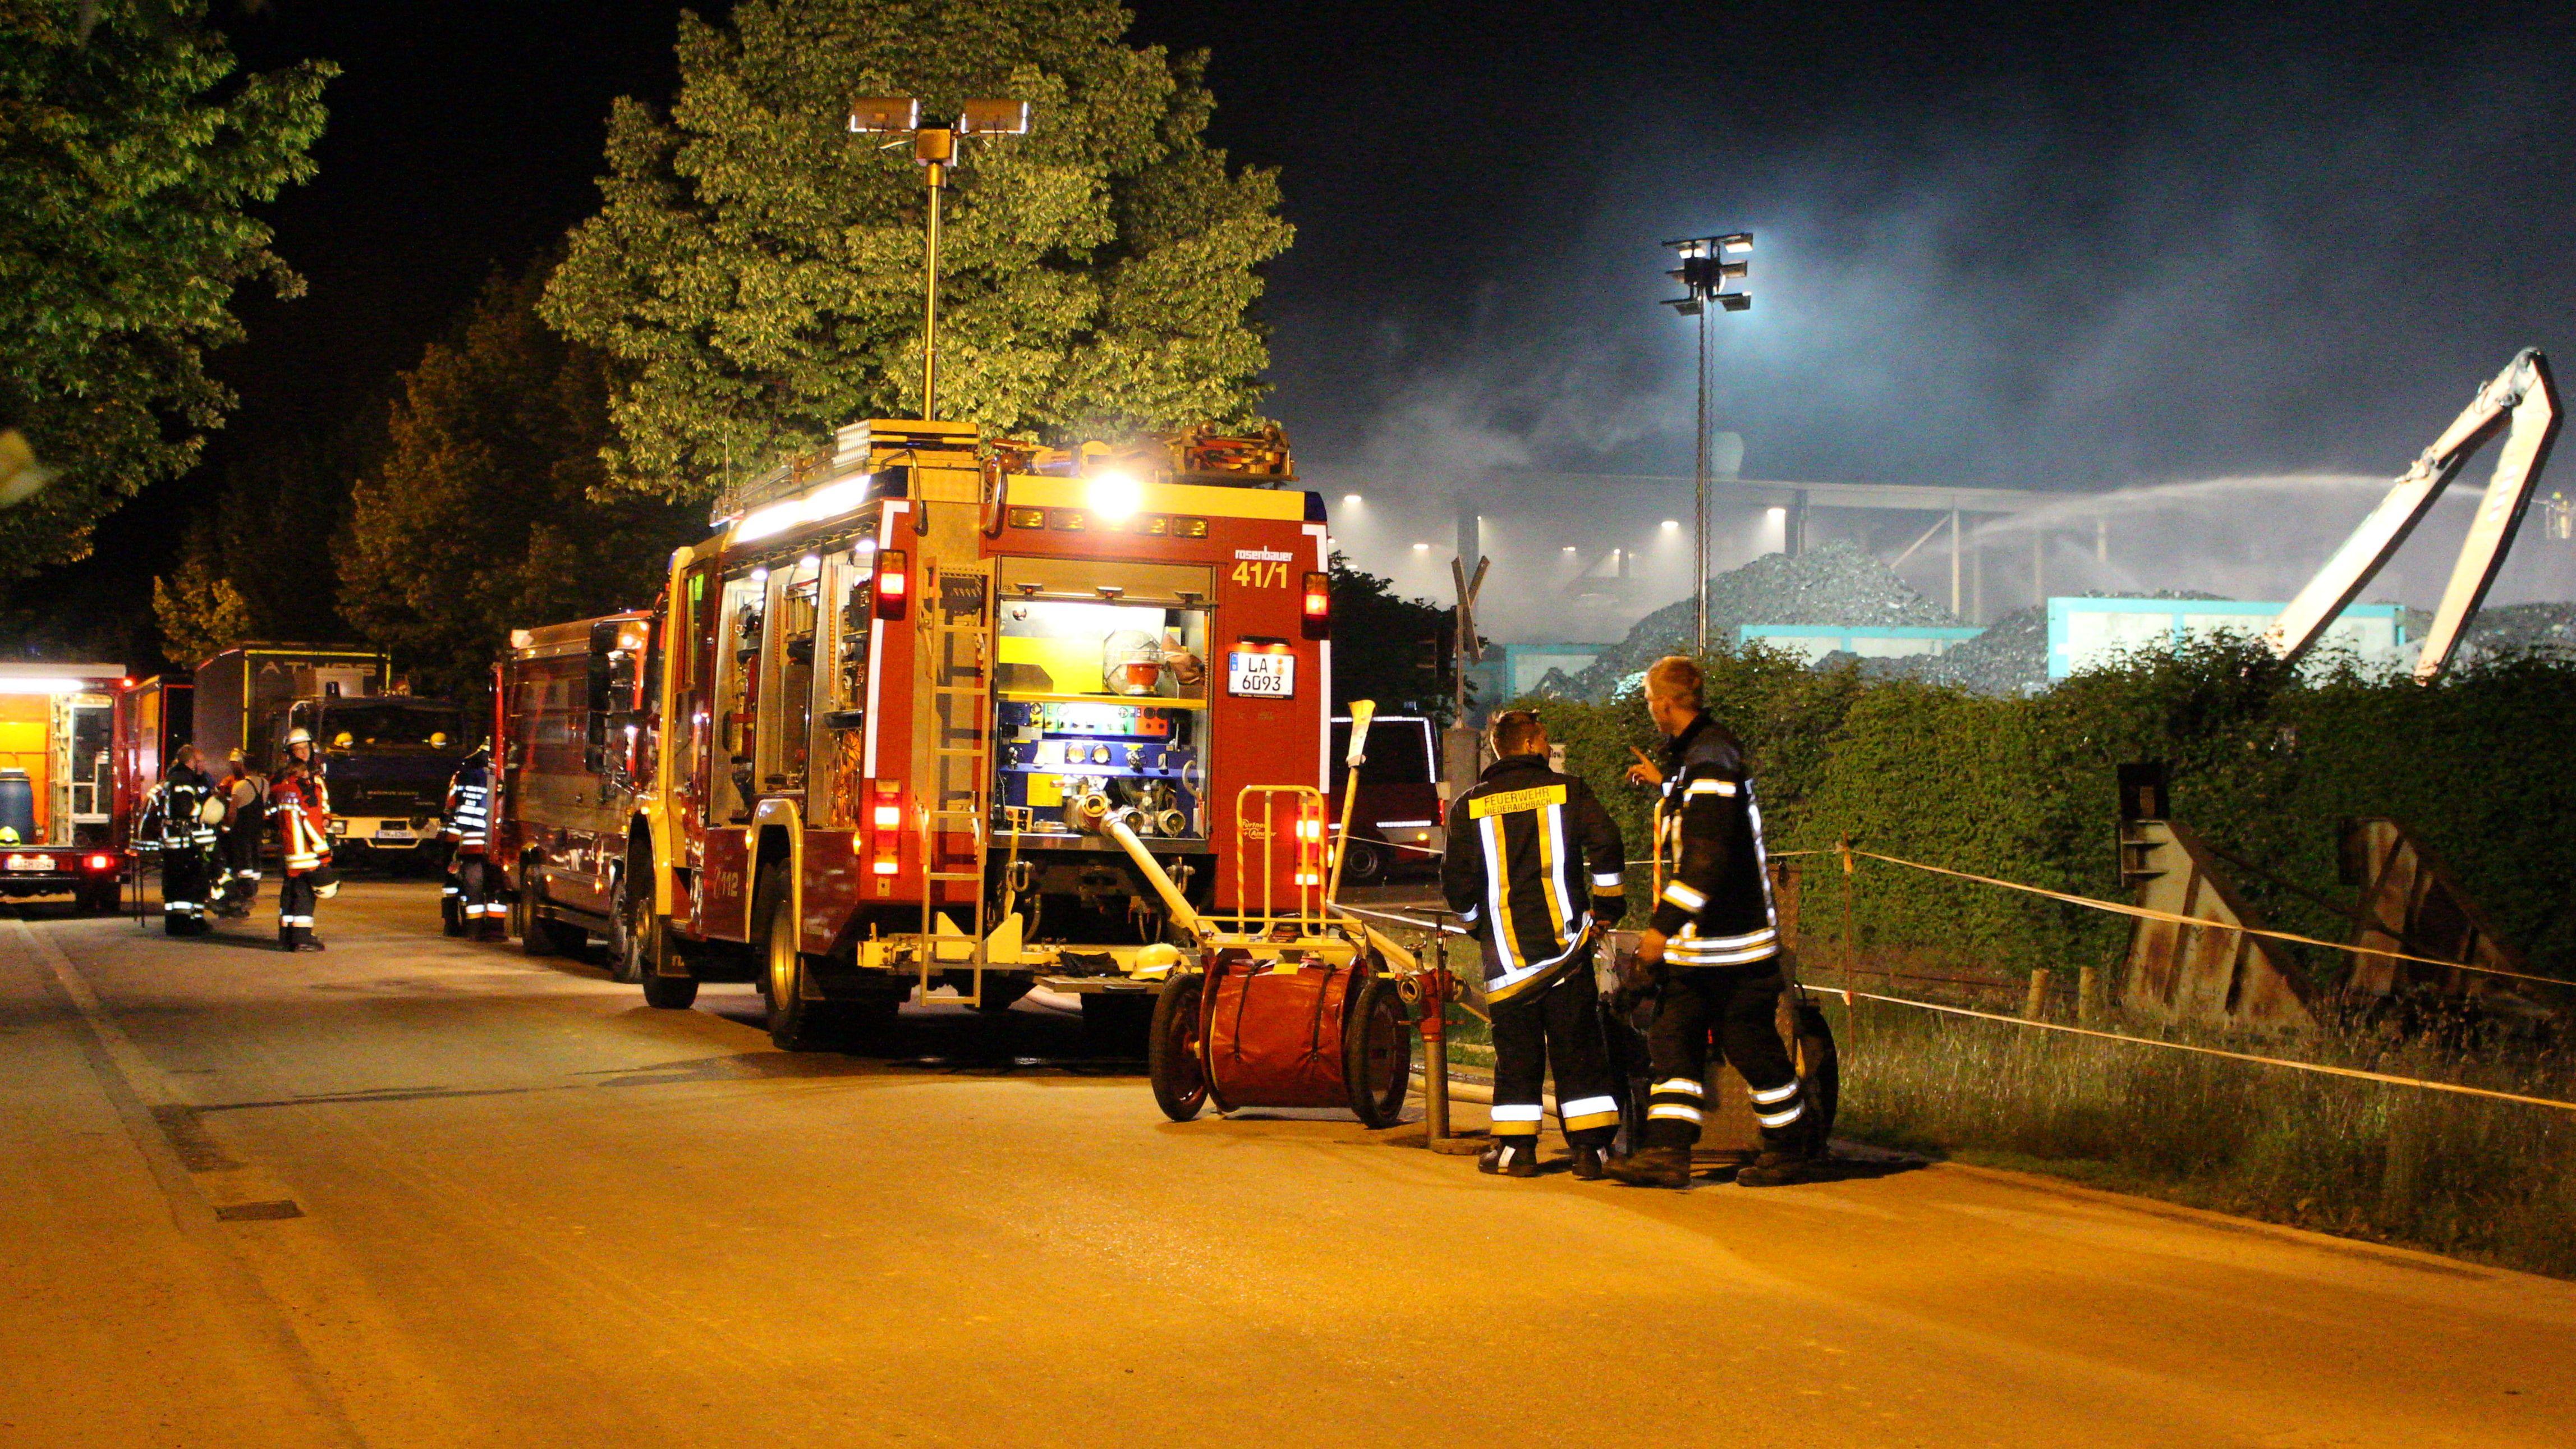 Über 300 Feuerwehrleute waren im Einsatz